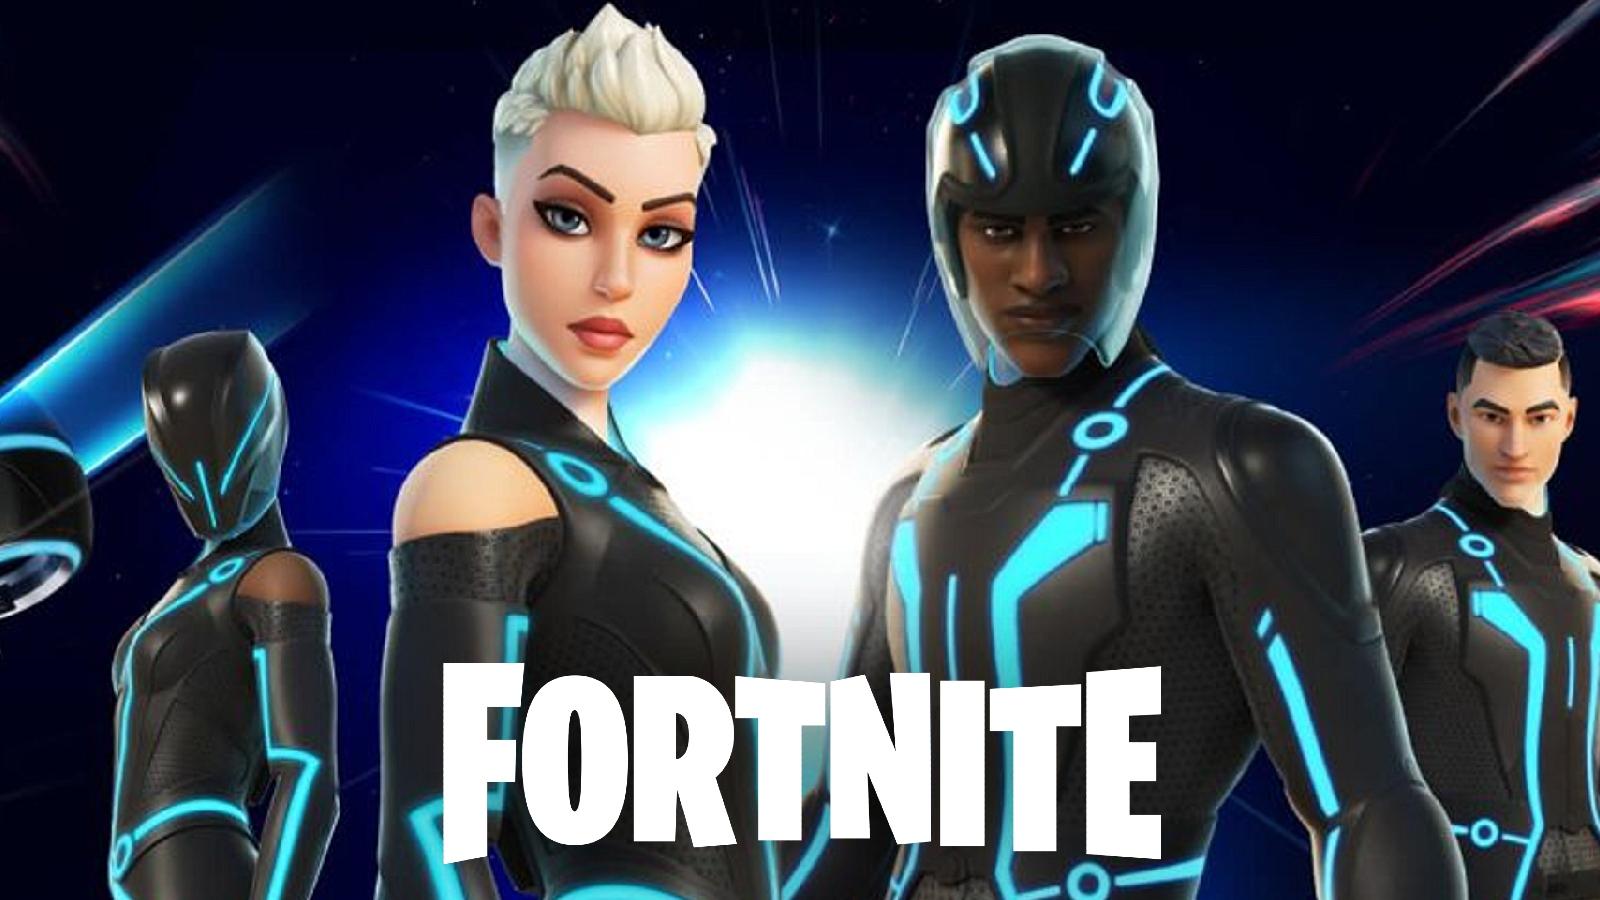 Fortnite marvel tron skin crossover